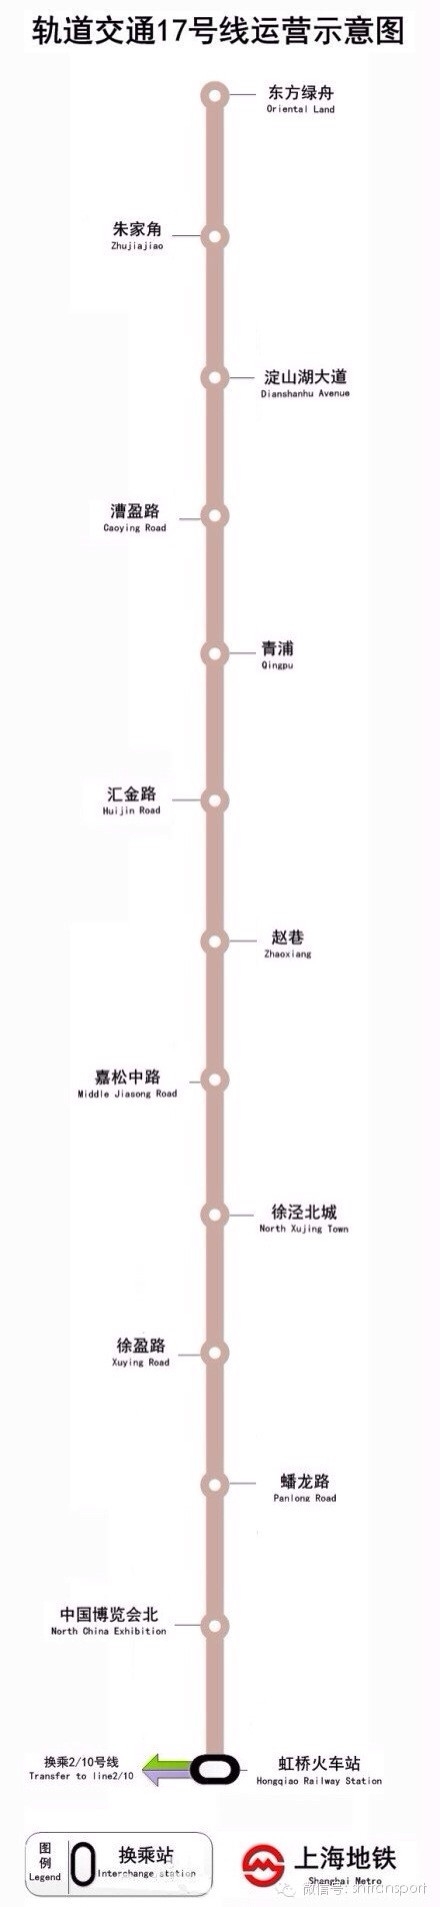 17号线可行性研究获批 青浦即将通地铁